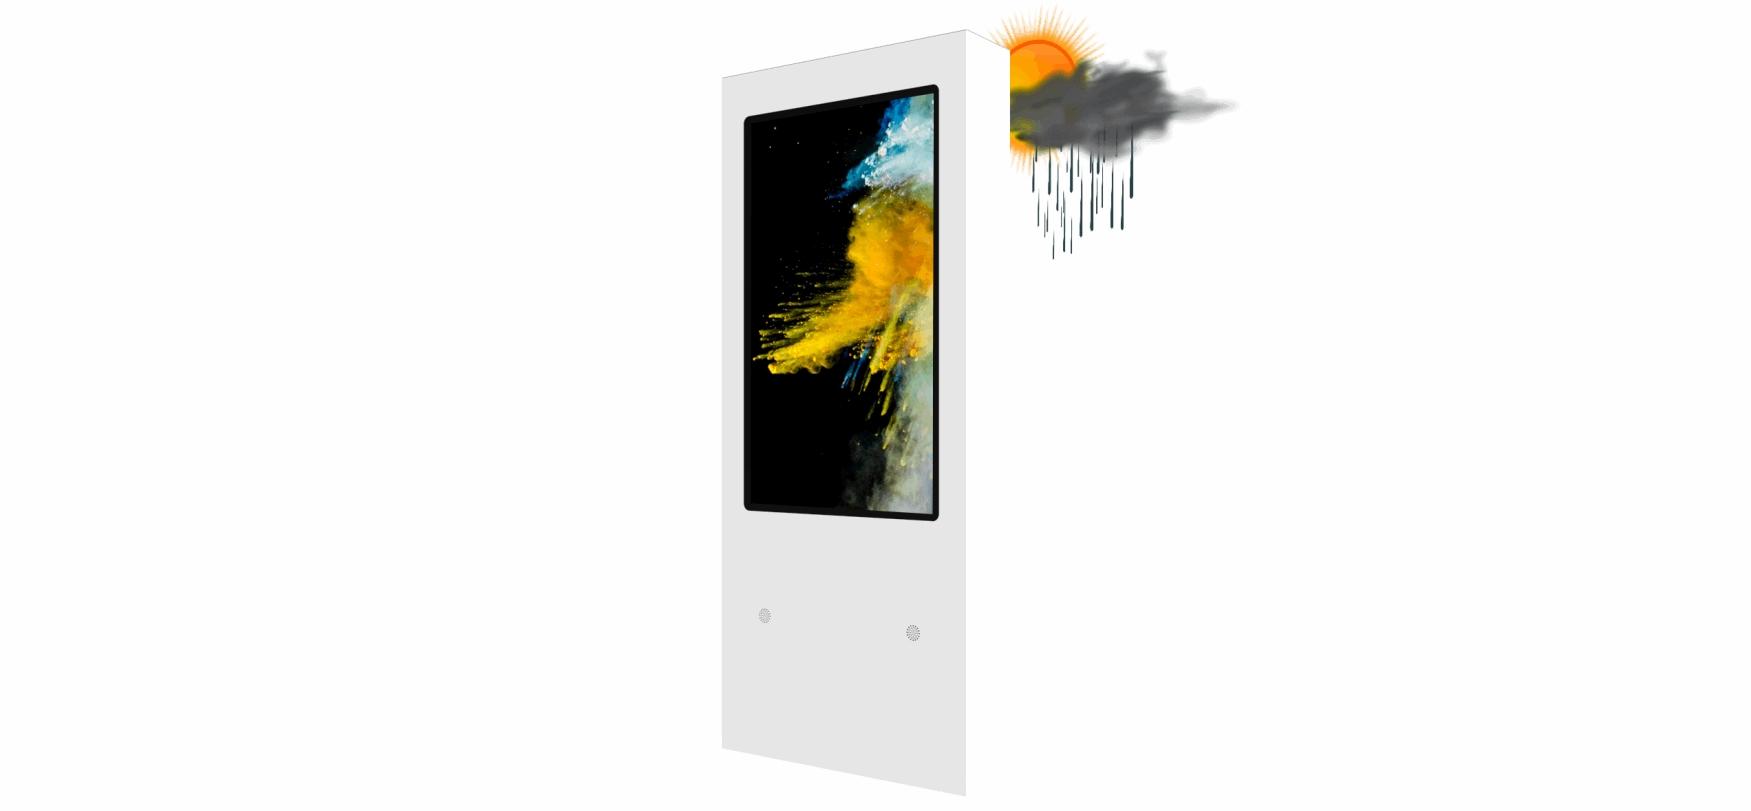 Kiosco interactivo Serie E49